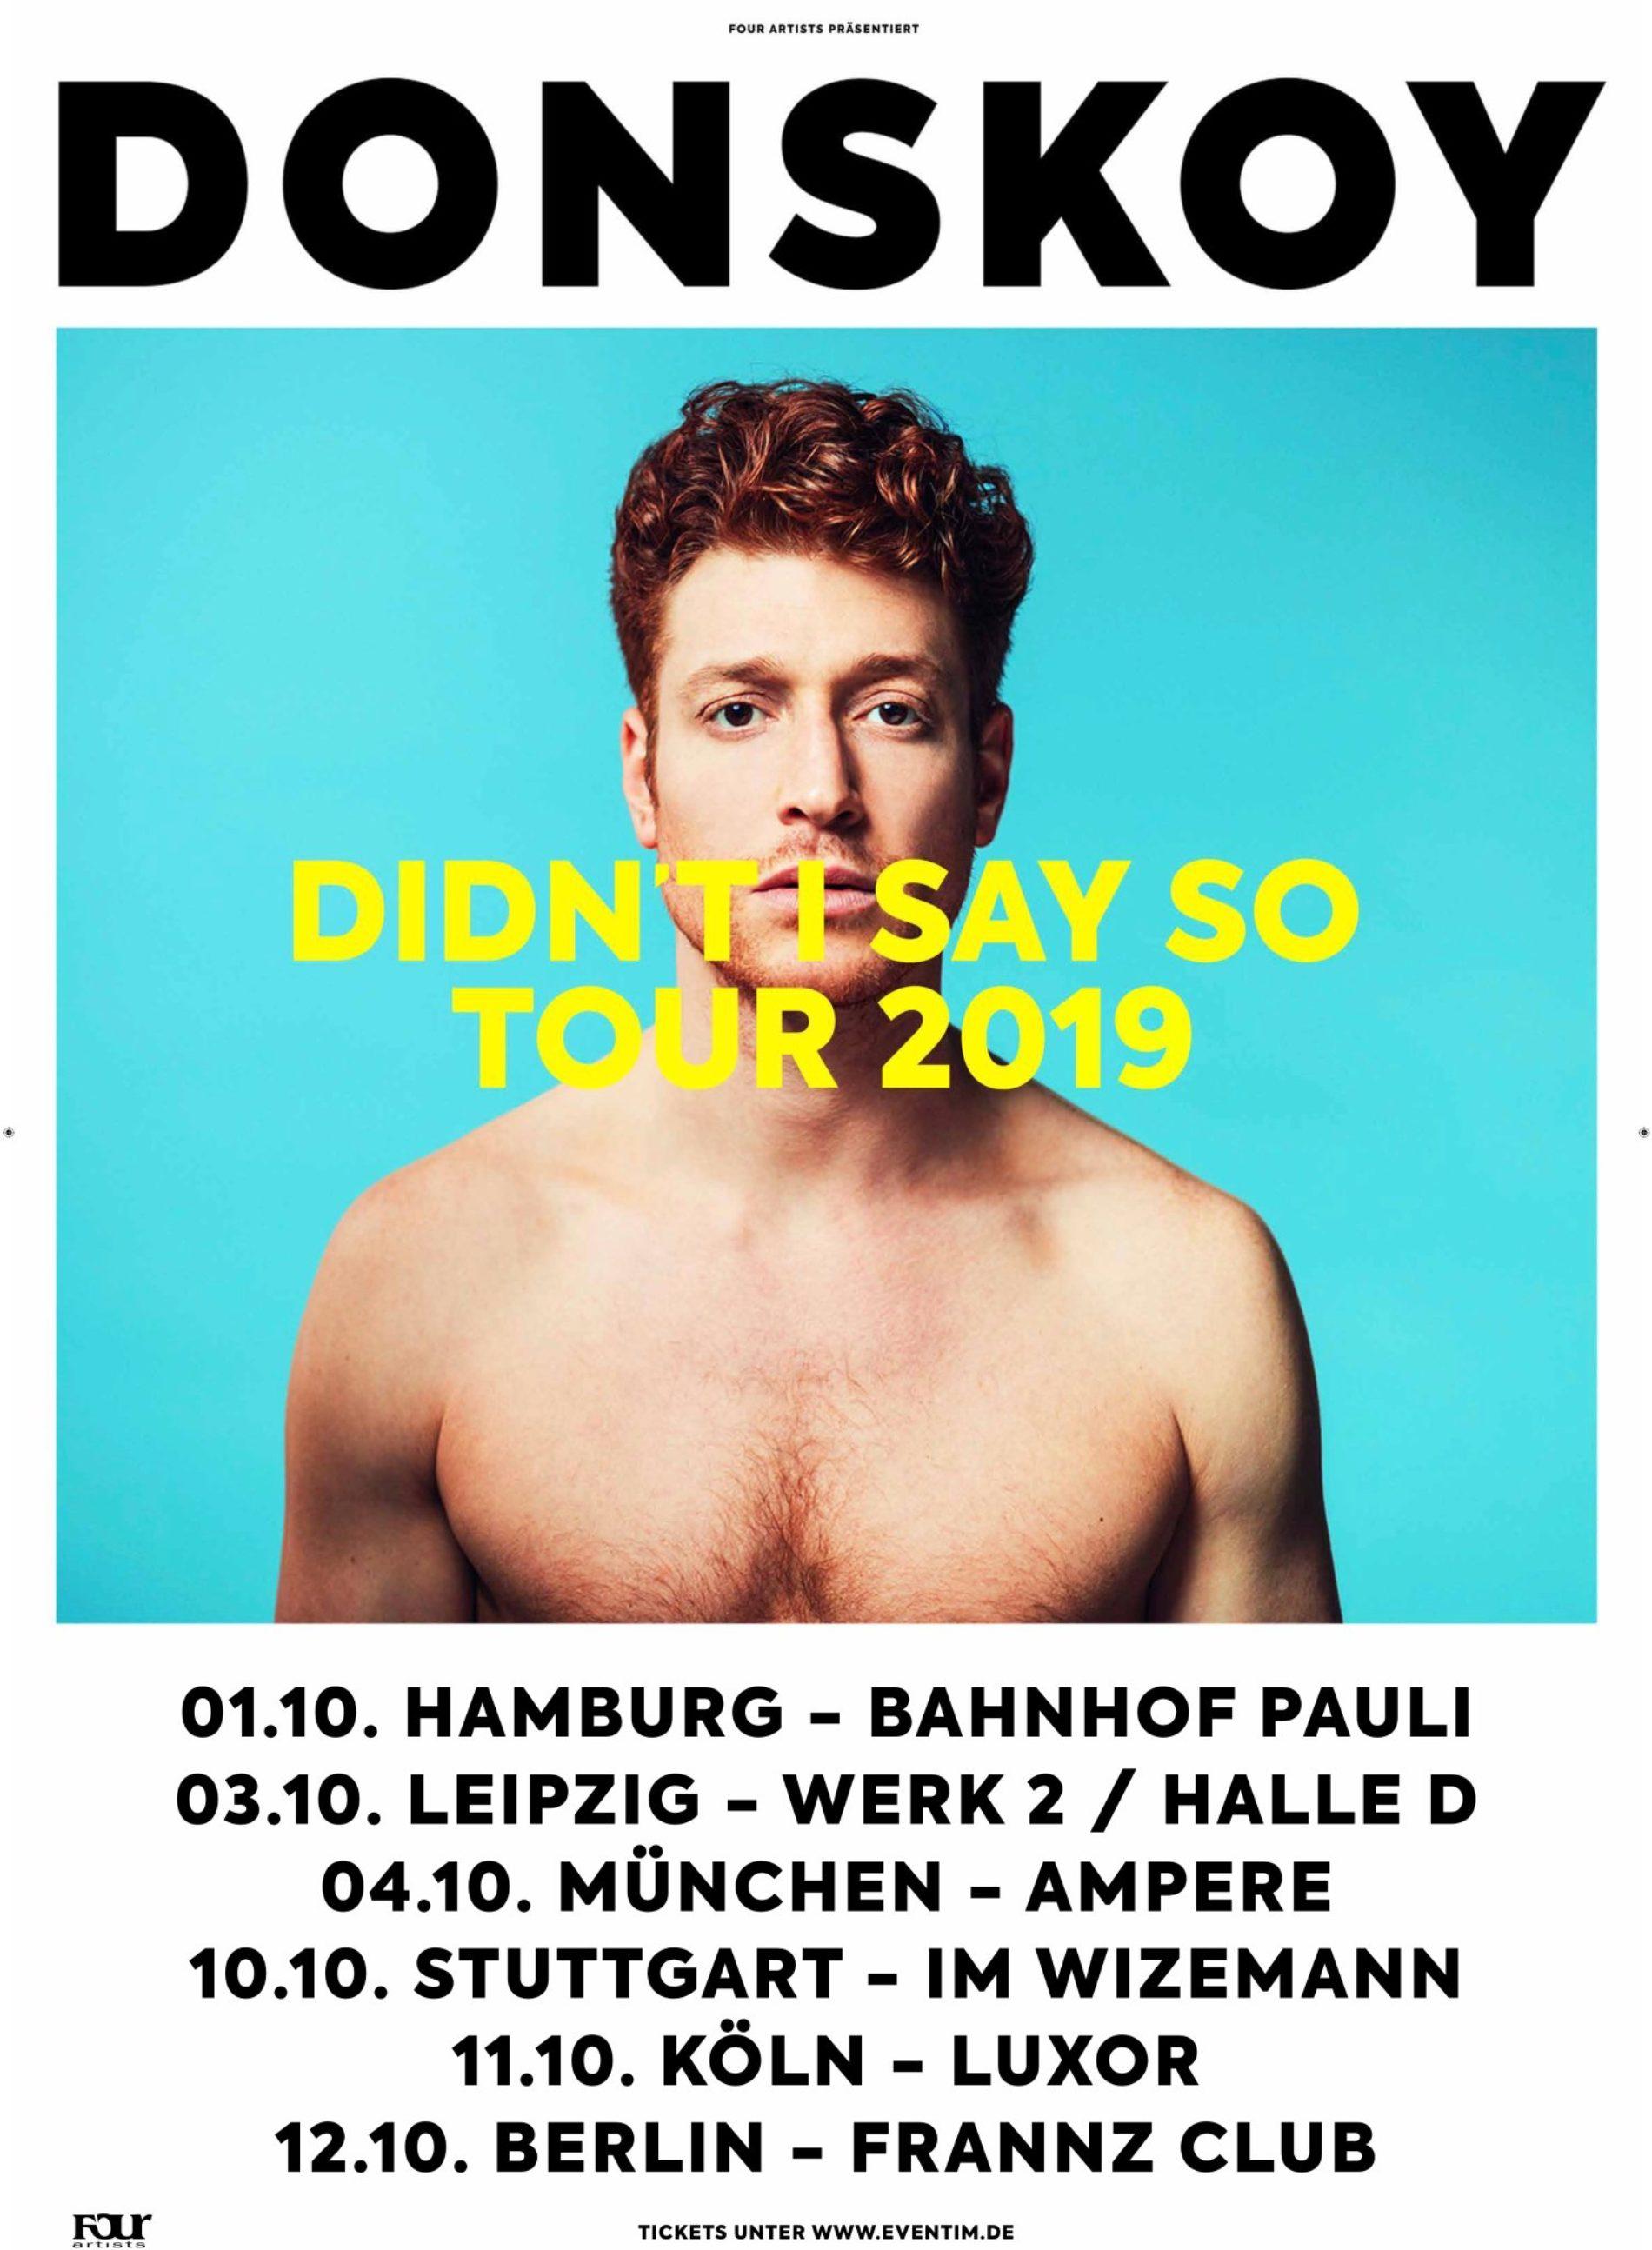 Daniel Donskoy auf Tour